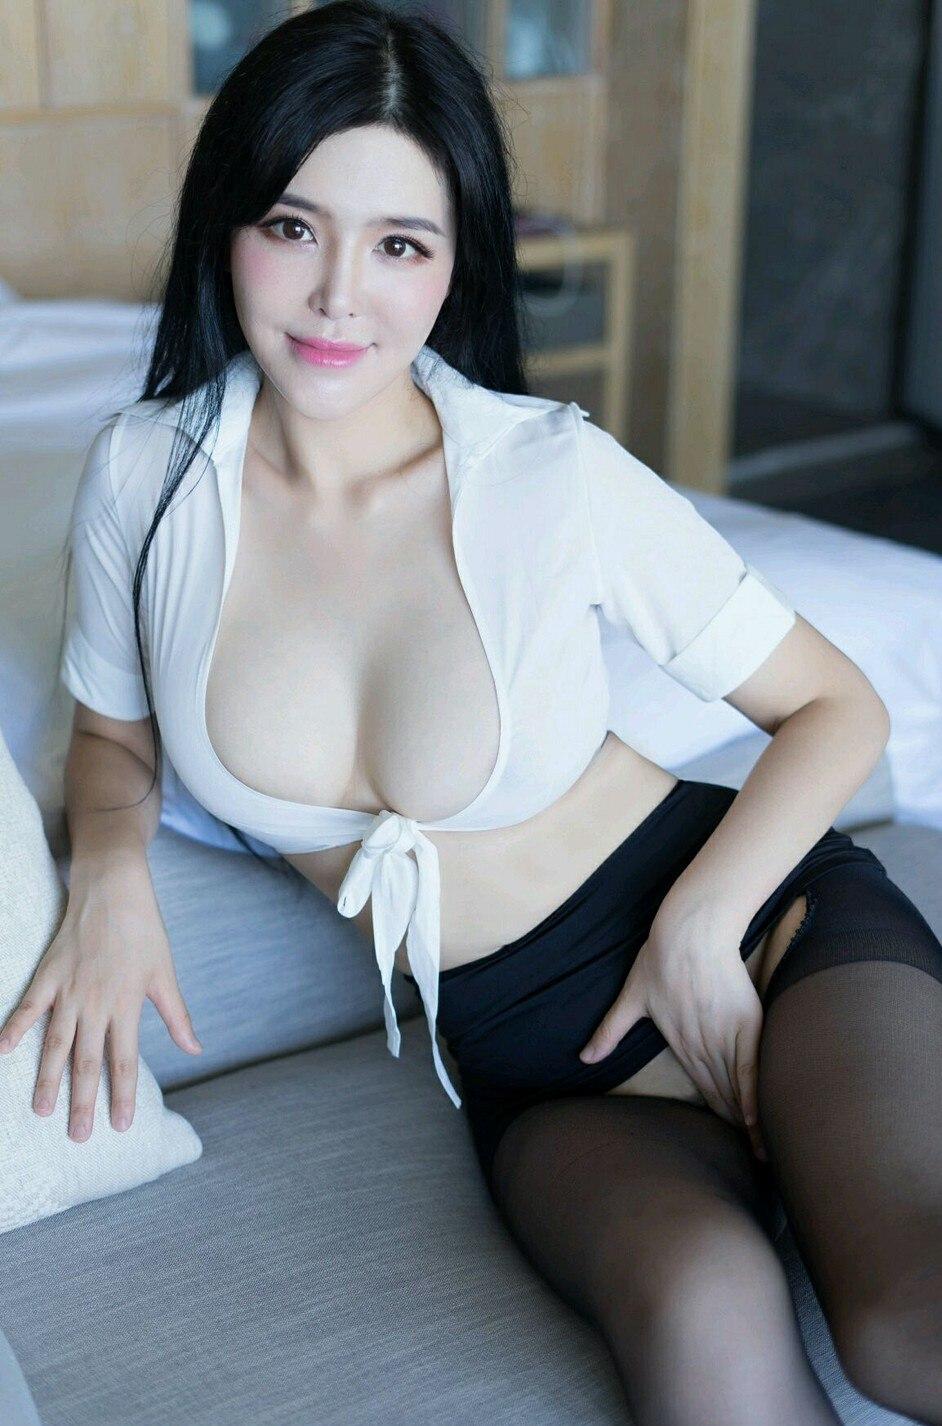 A096 刘钰儿全集52套写真14套视频